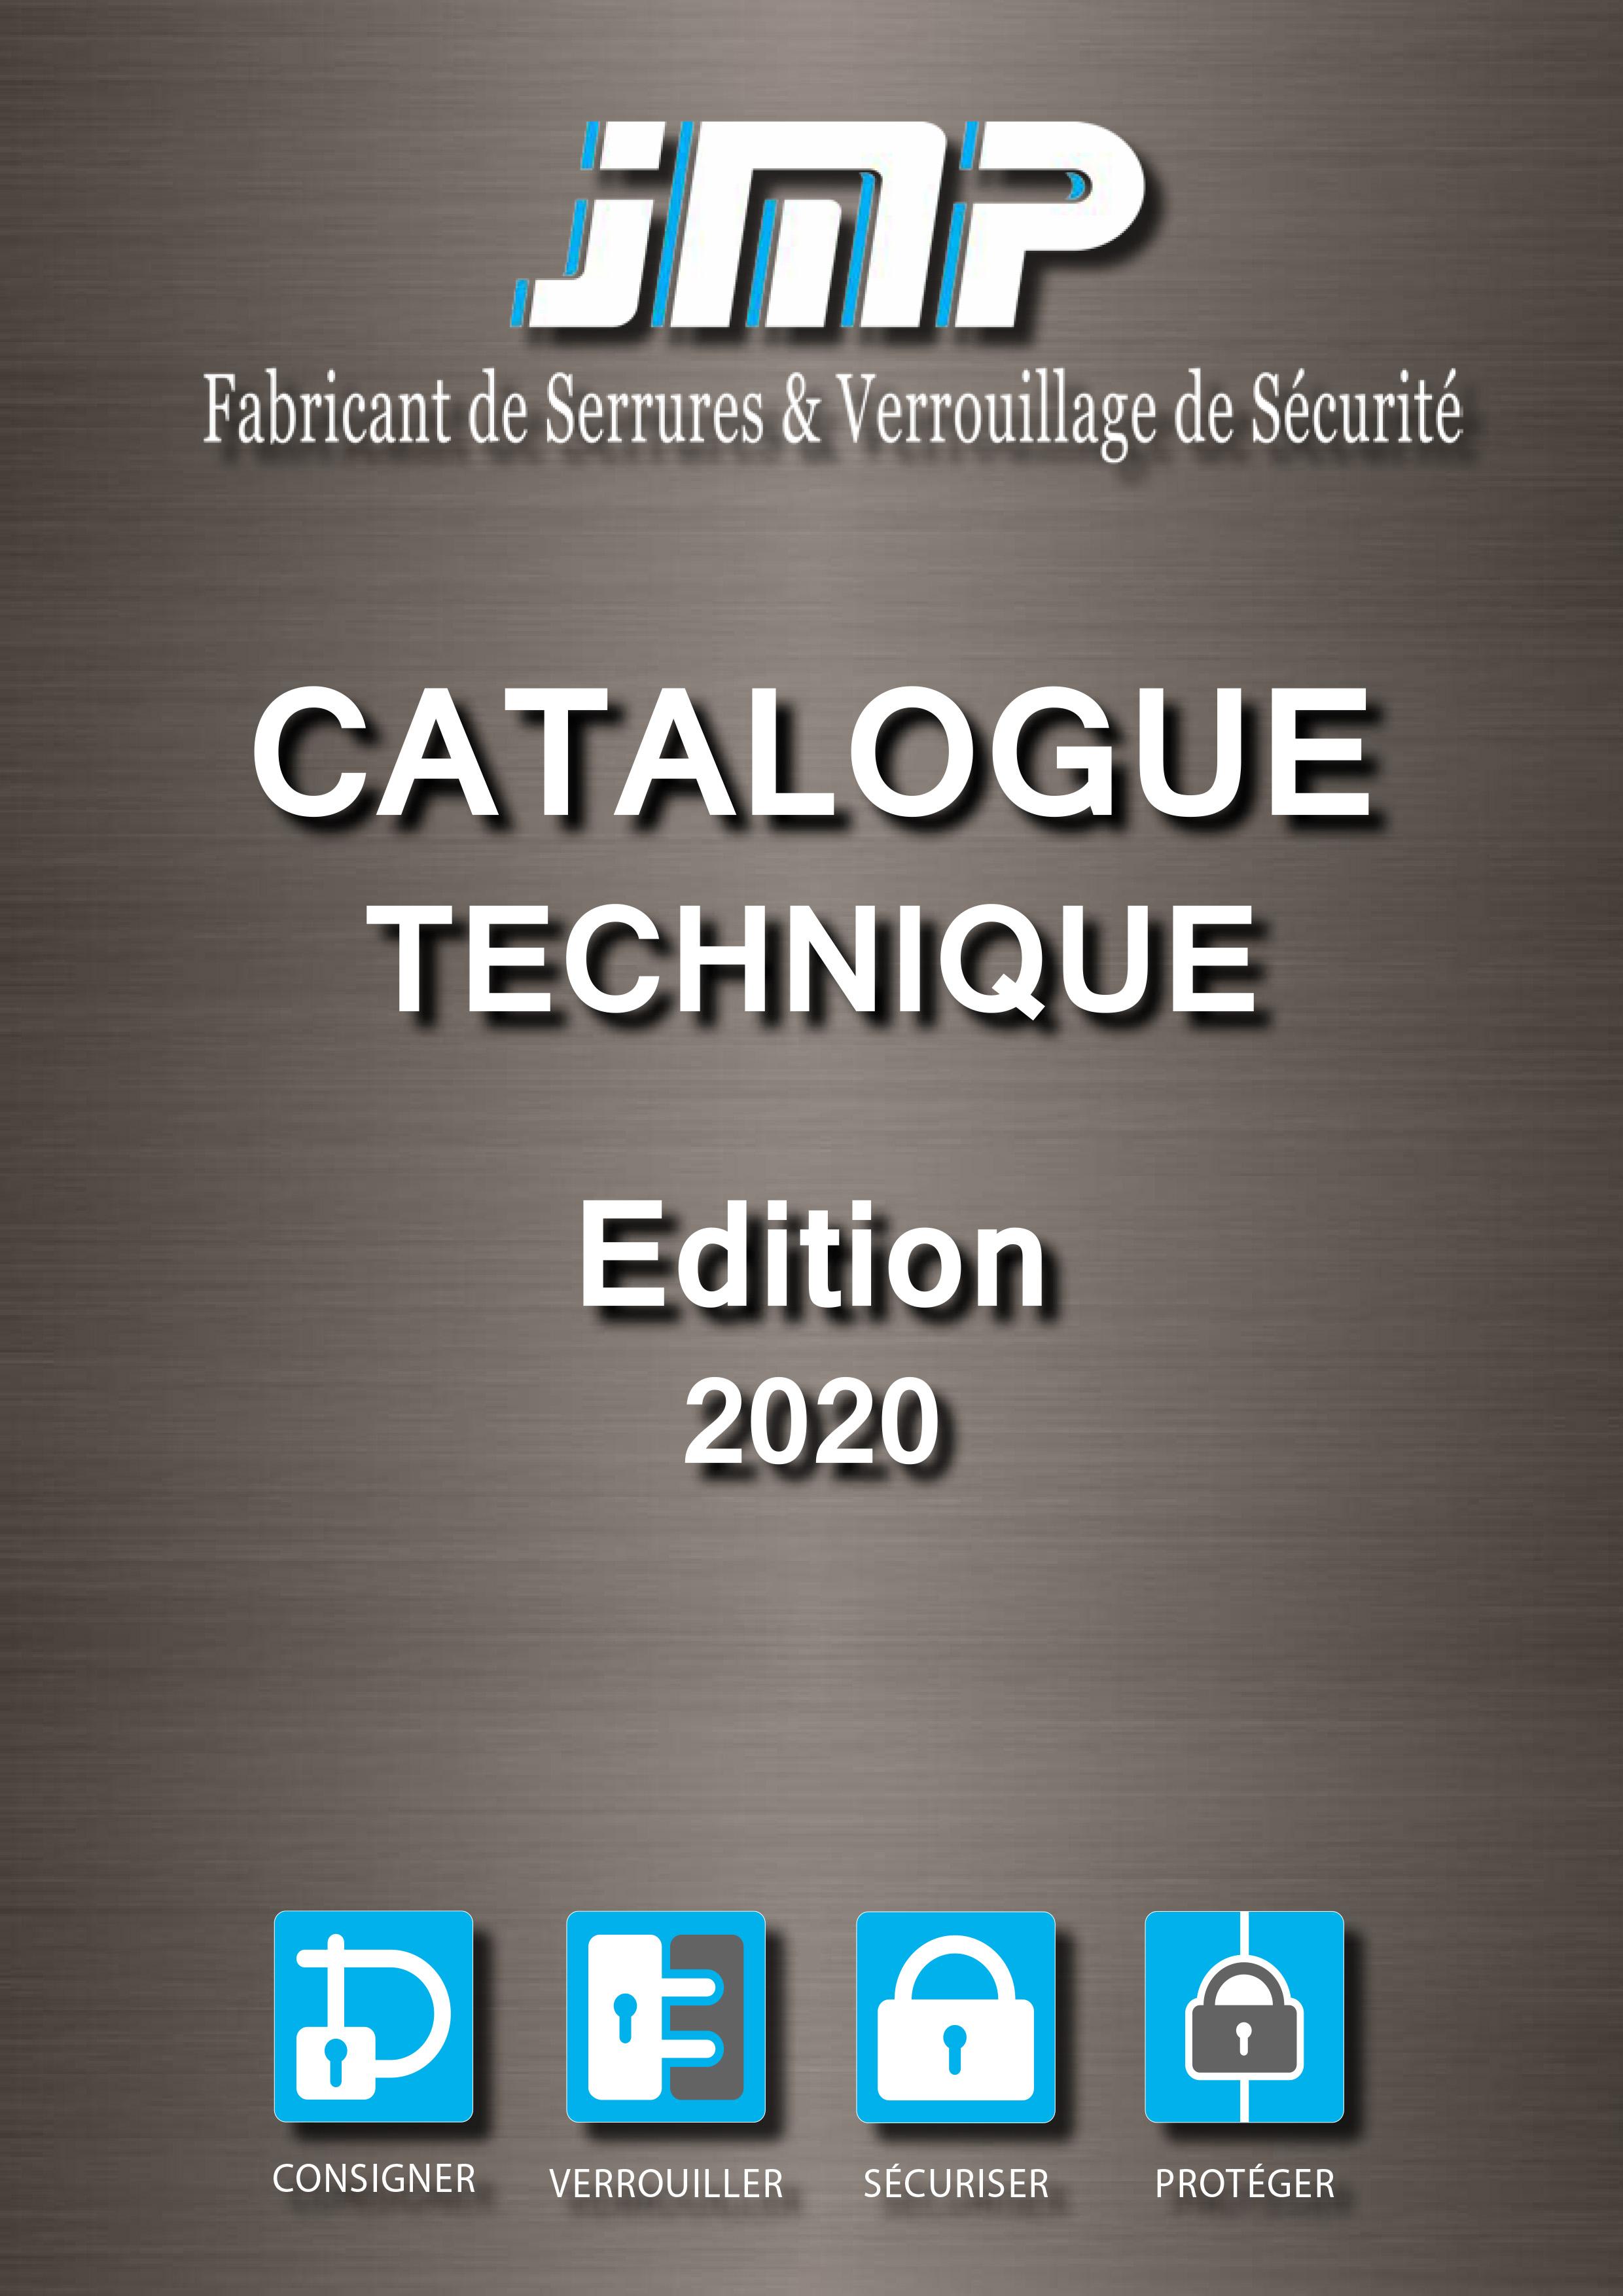 CATALOGUE TECHNIQUE  JMP 2020 Page de Garde.jpg